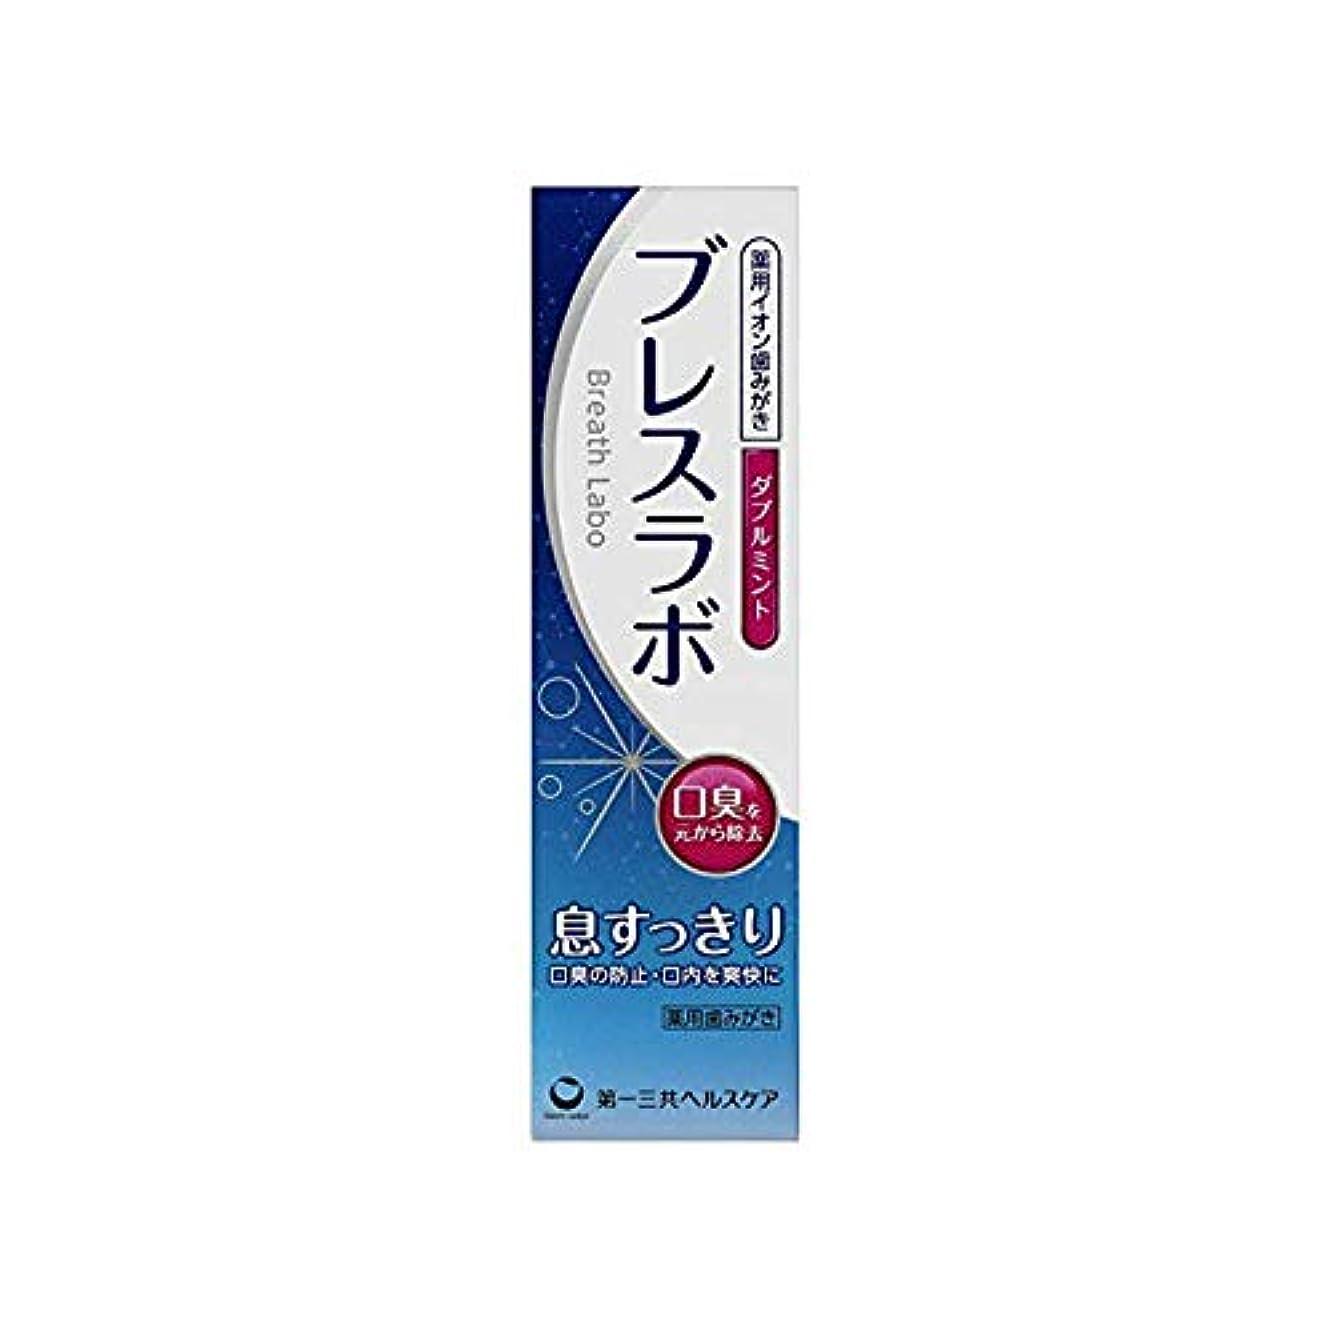 ビクター名門特派員【2個セット】ブレスラボ ダブルミント 90g